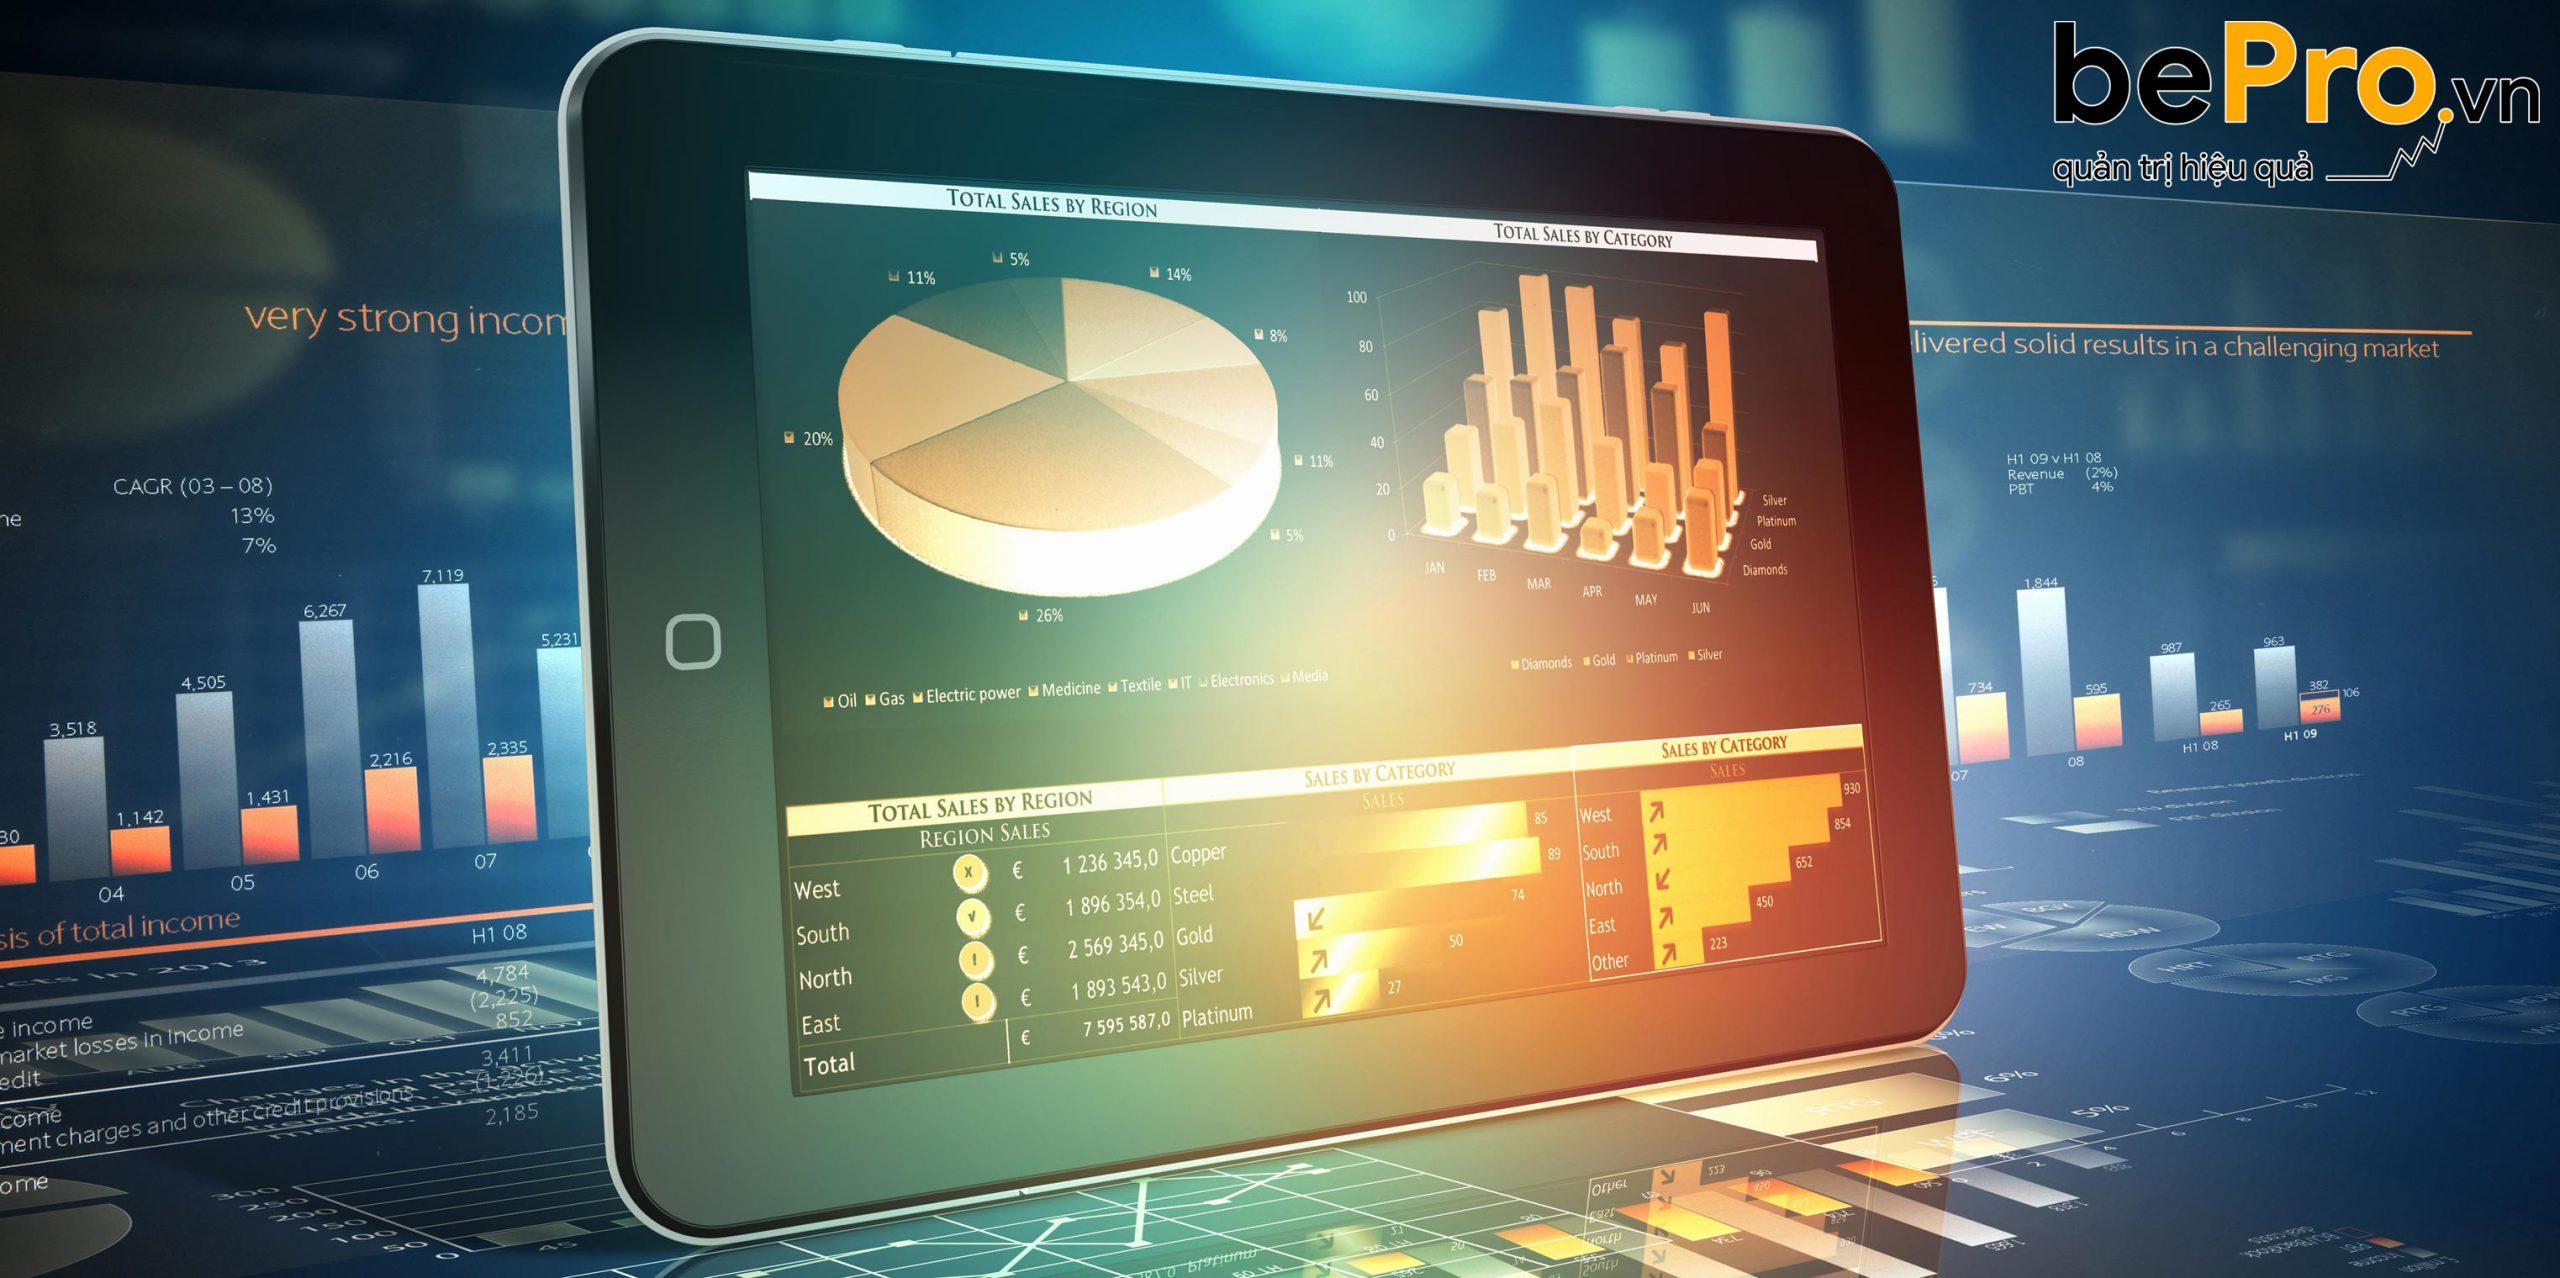 Báo cáo kết quả kinh doanh và những chỉ tiêu cần lưu ý